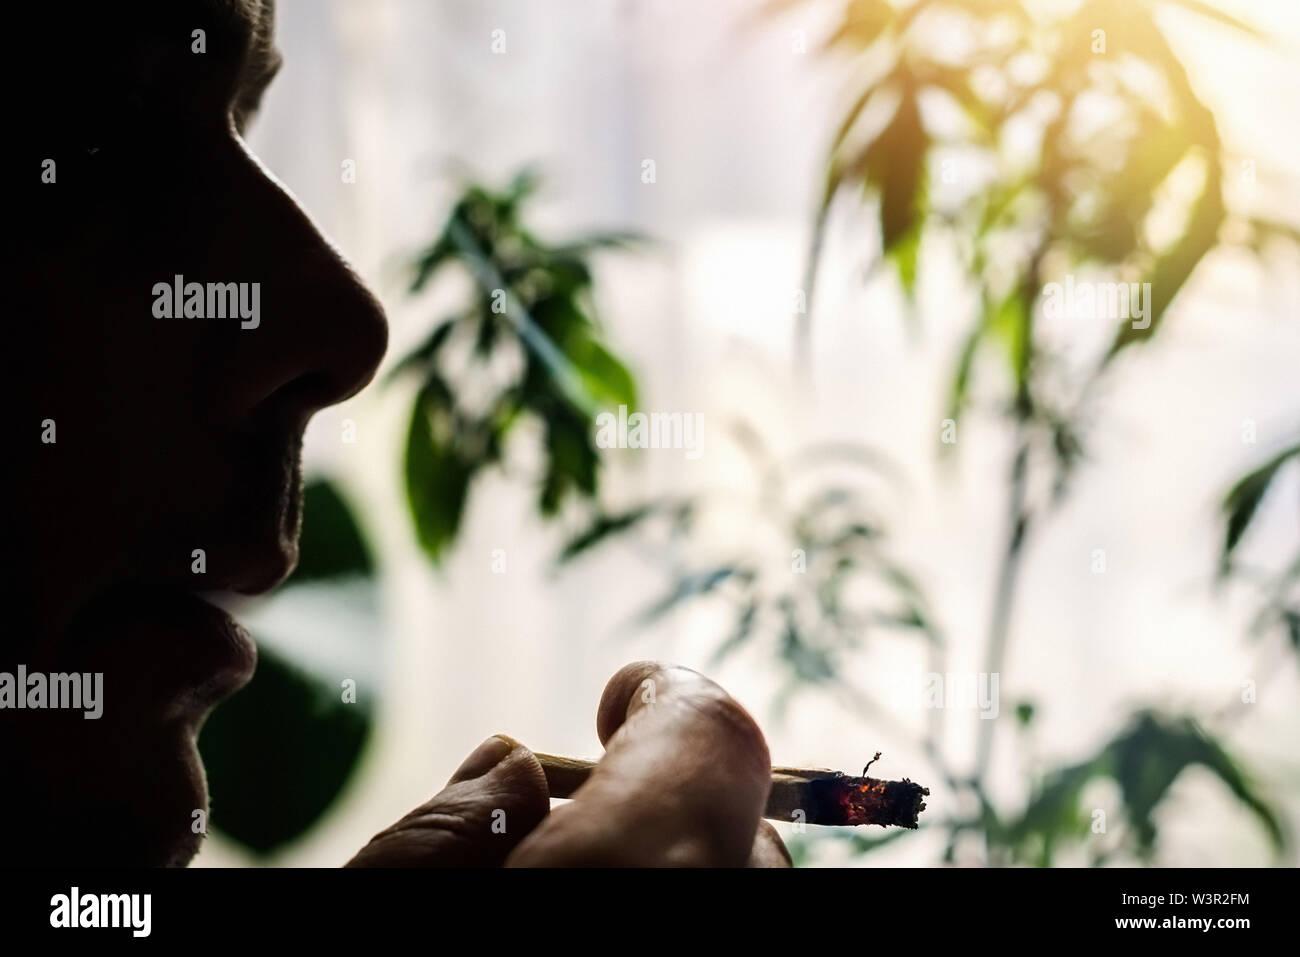 incontri fumatori erbaccia datazione Ronson accendini